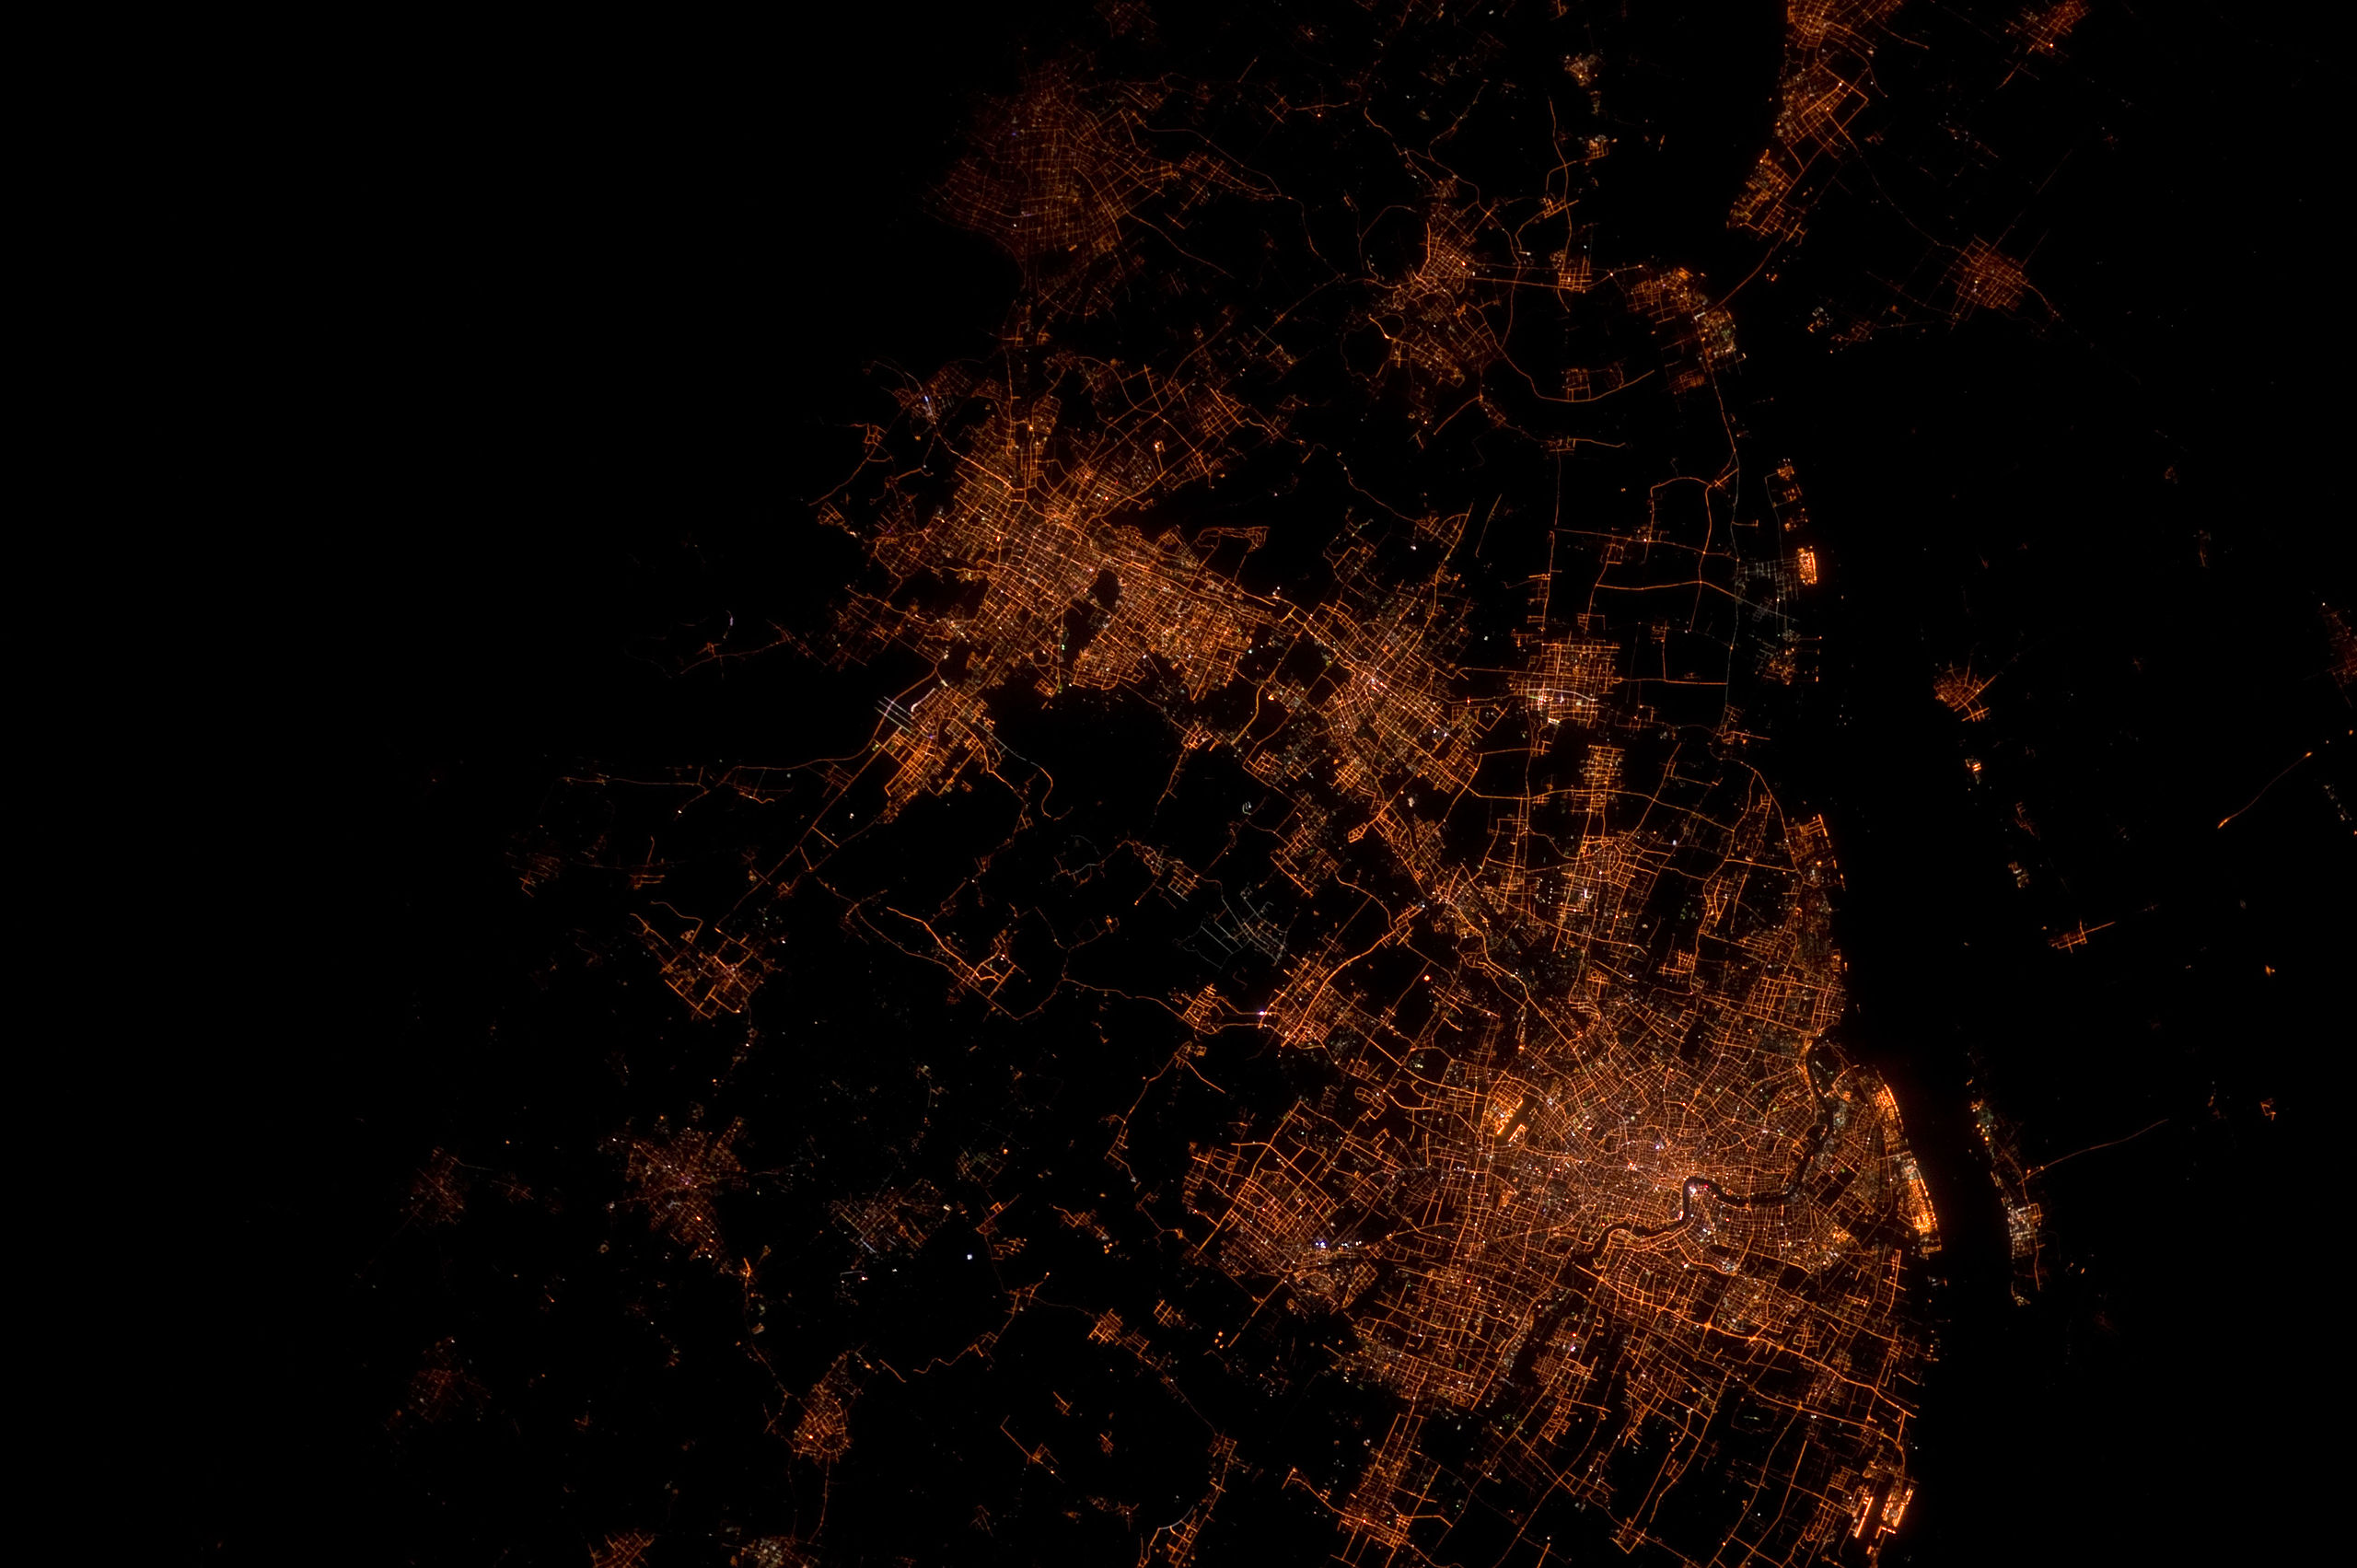 Chine - Shanghai vue la nuit depuis l'espace